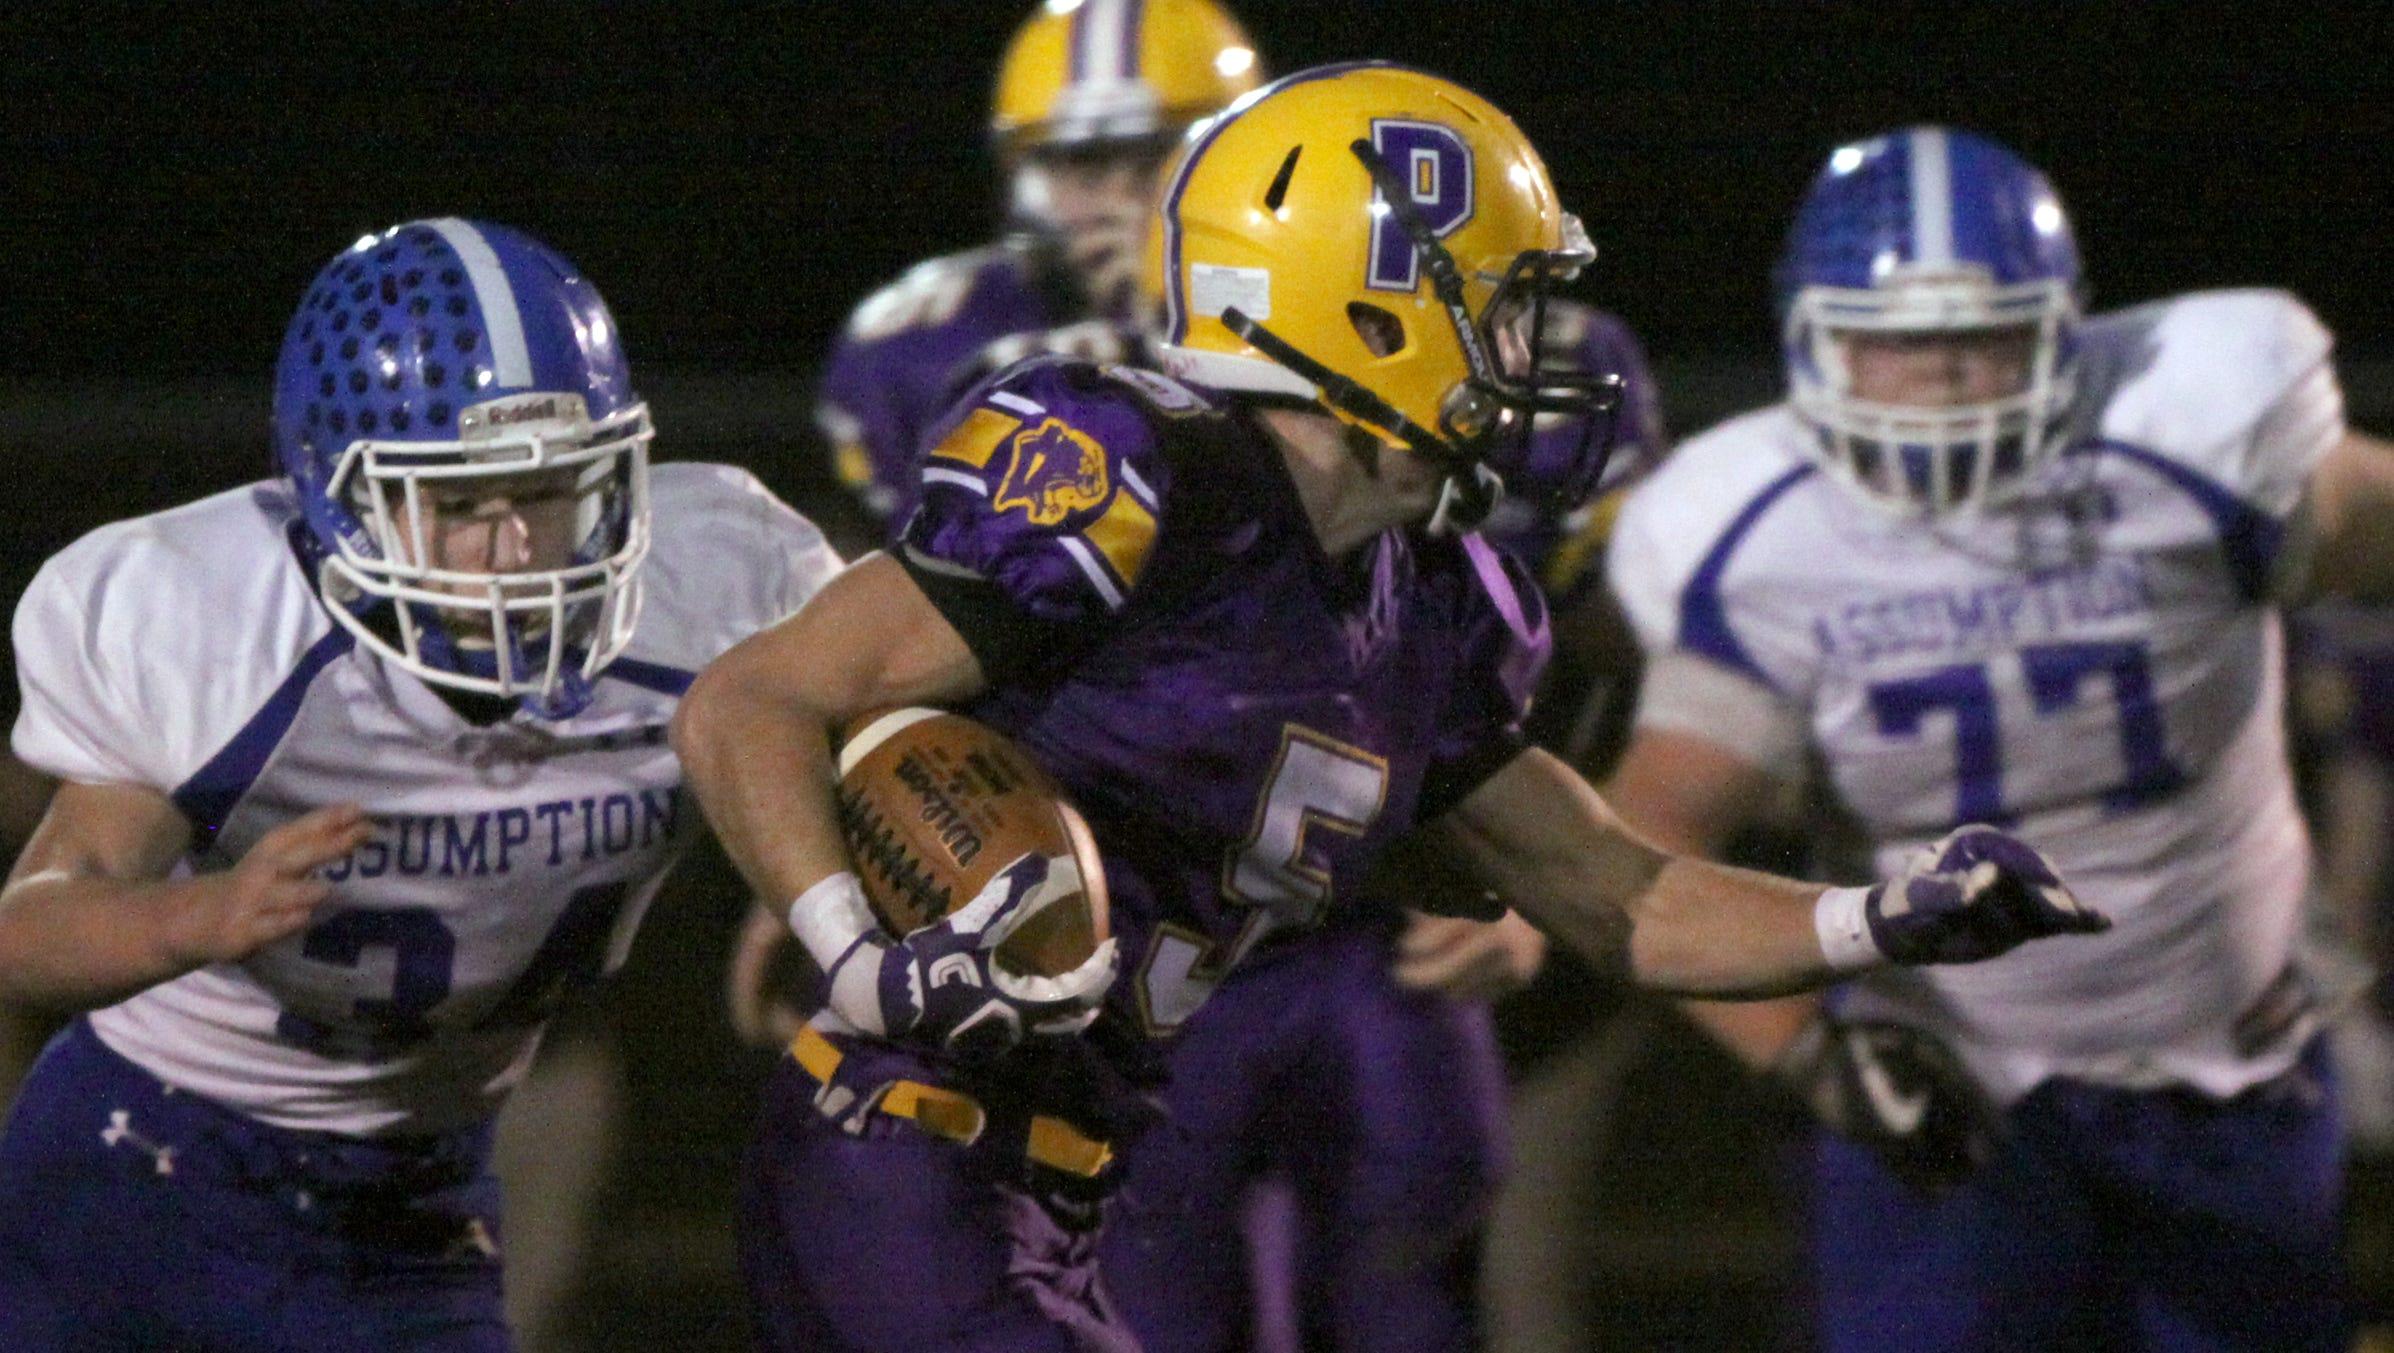 Pittsville Faces Familiar Wiaa Football Powerhouse In Edgar